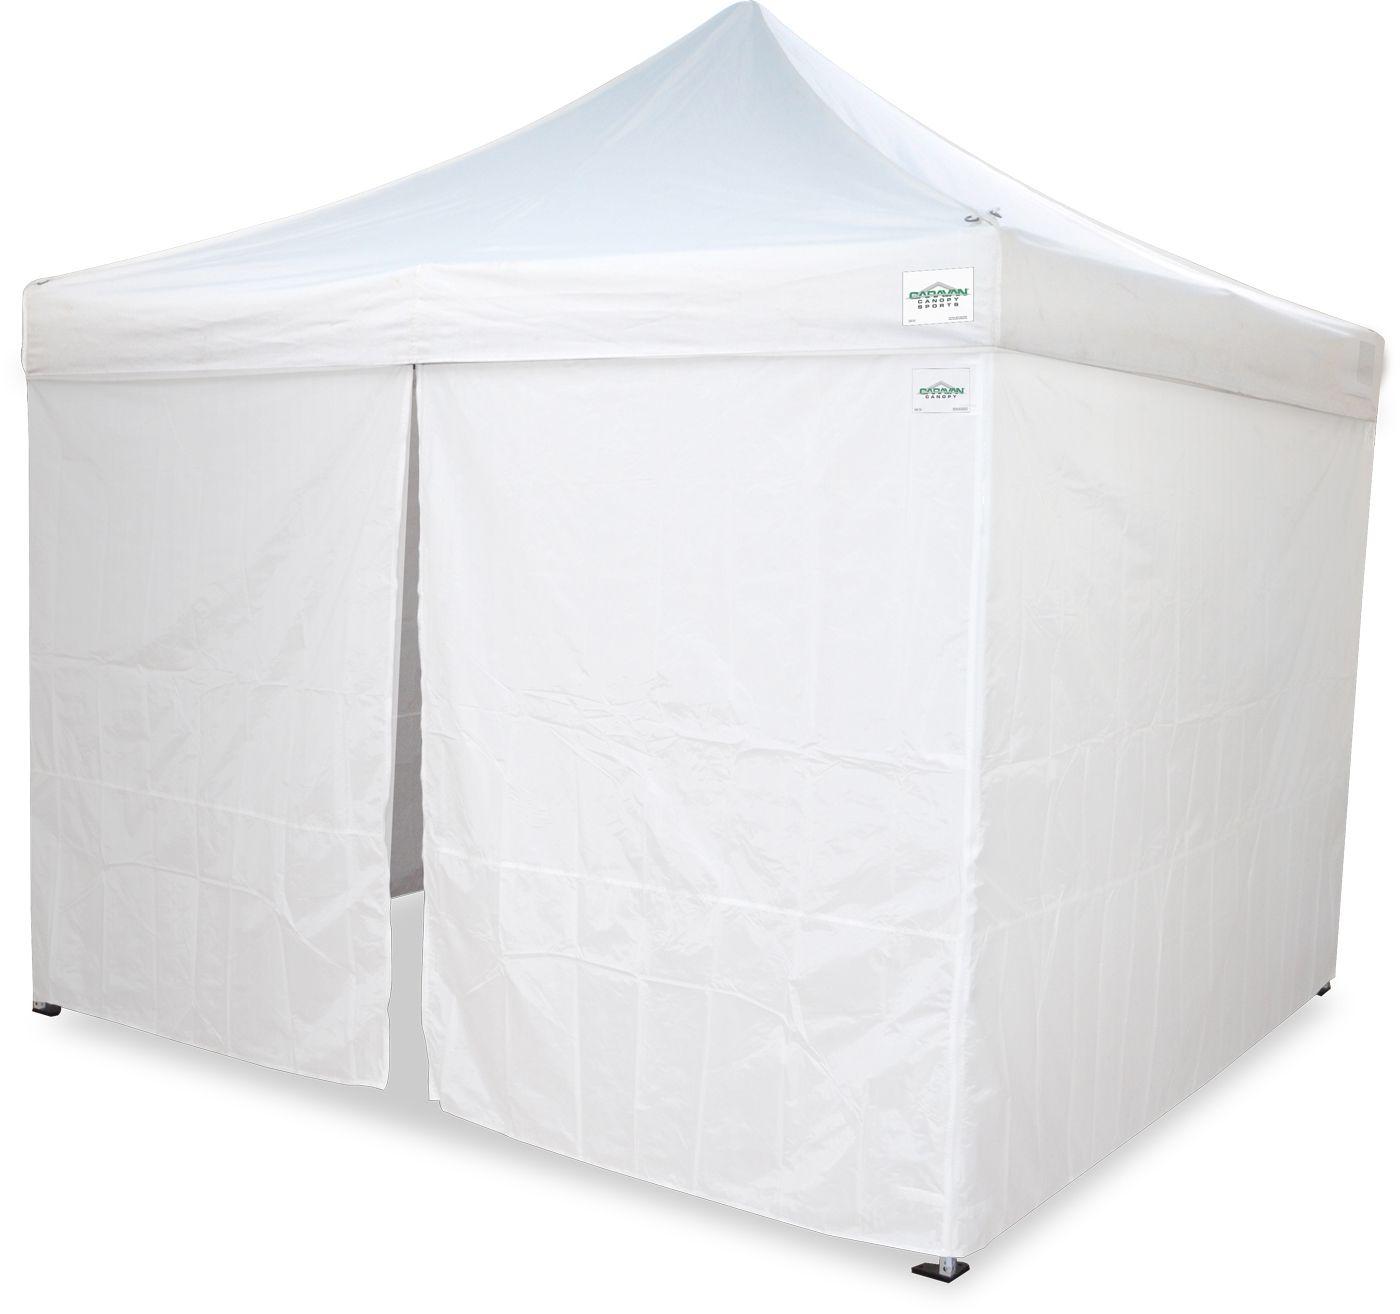 Caravan Canopy 10' x 10' Commercial Grade Canopy Sidewalls